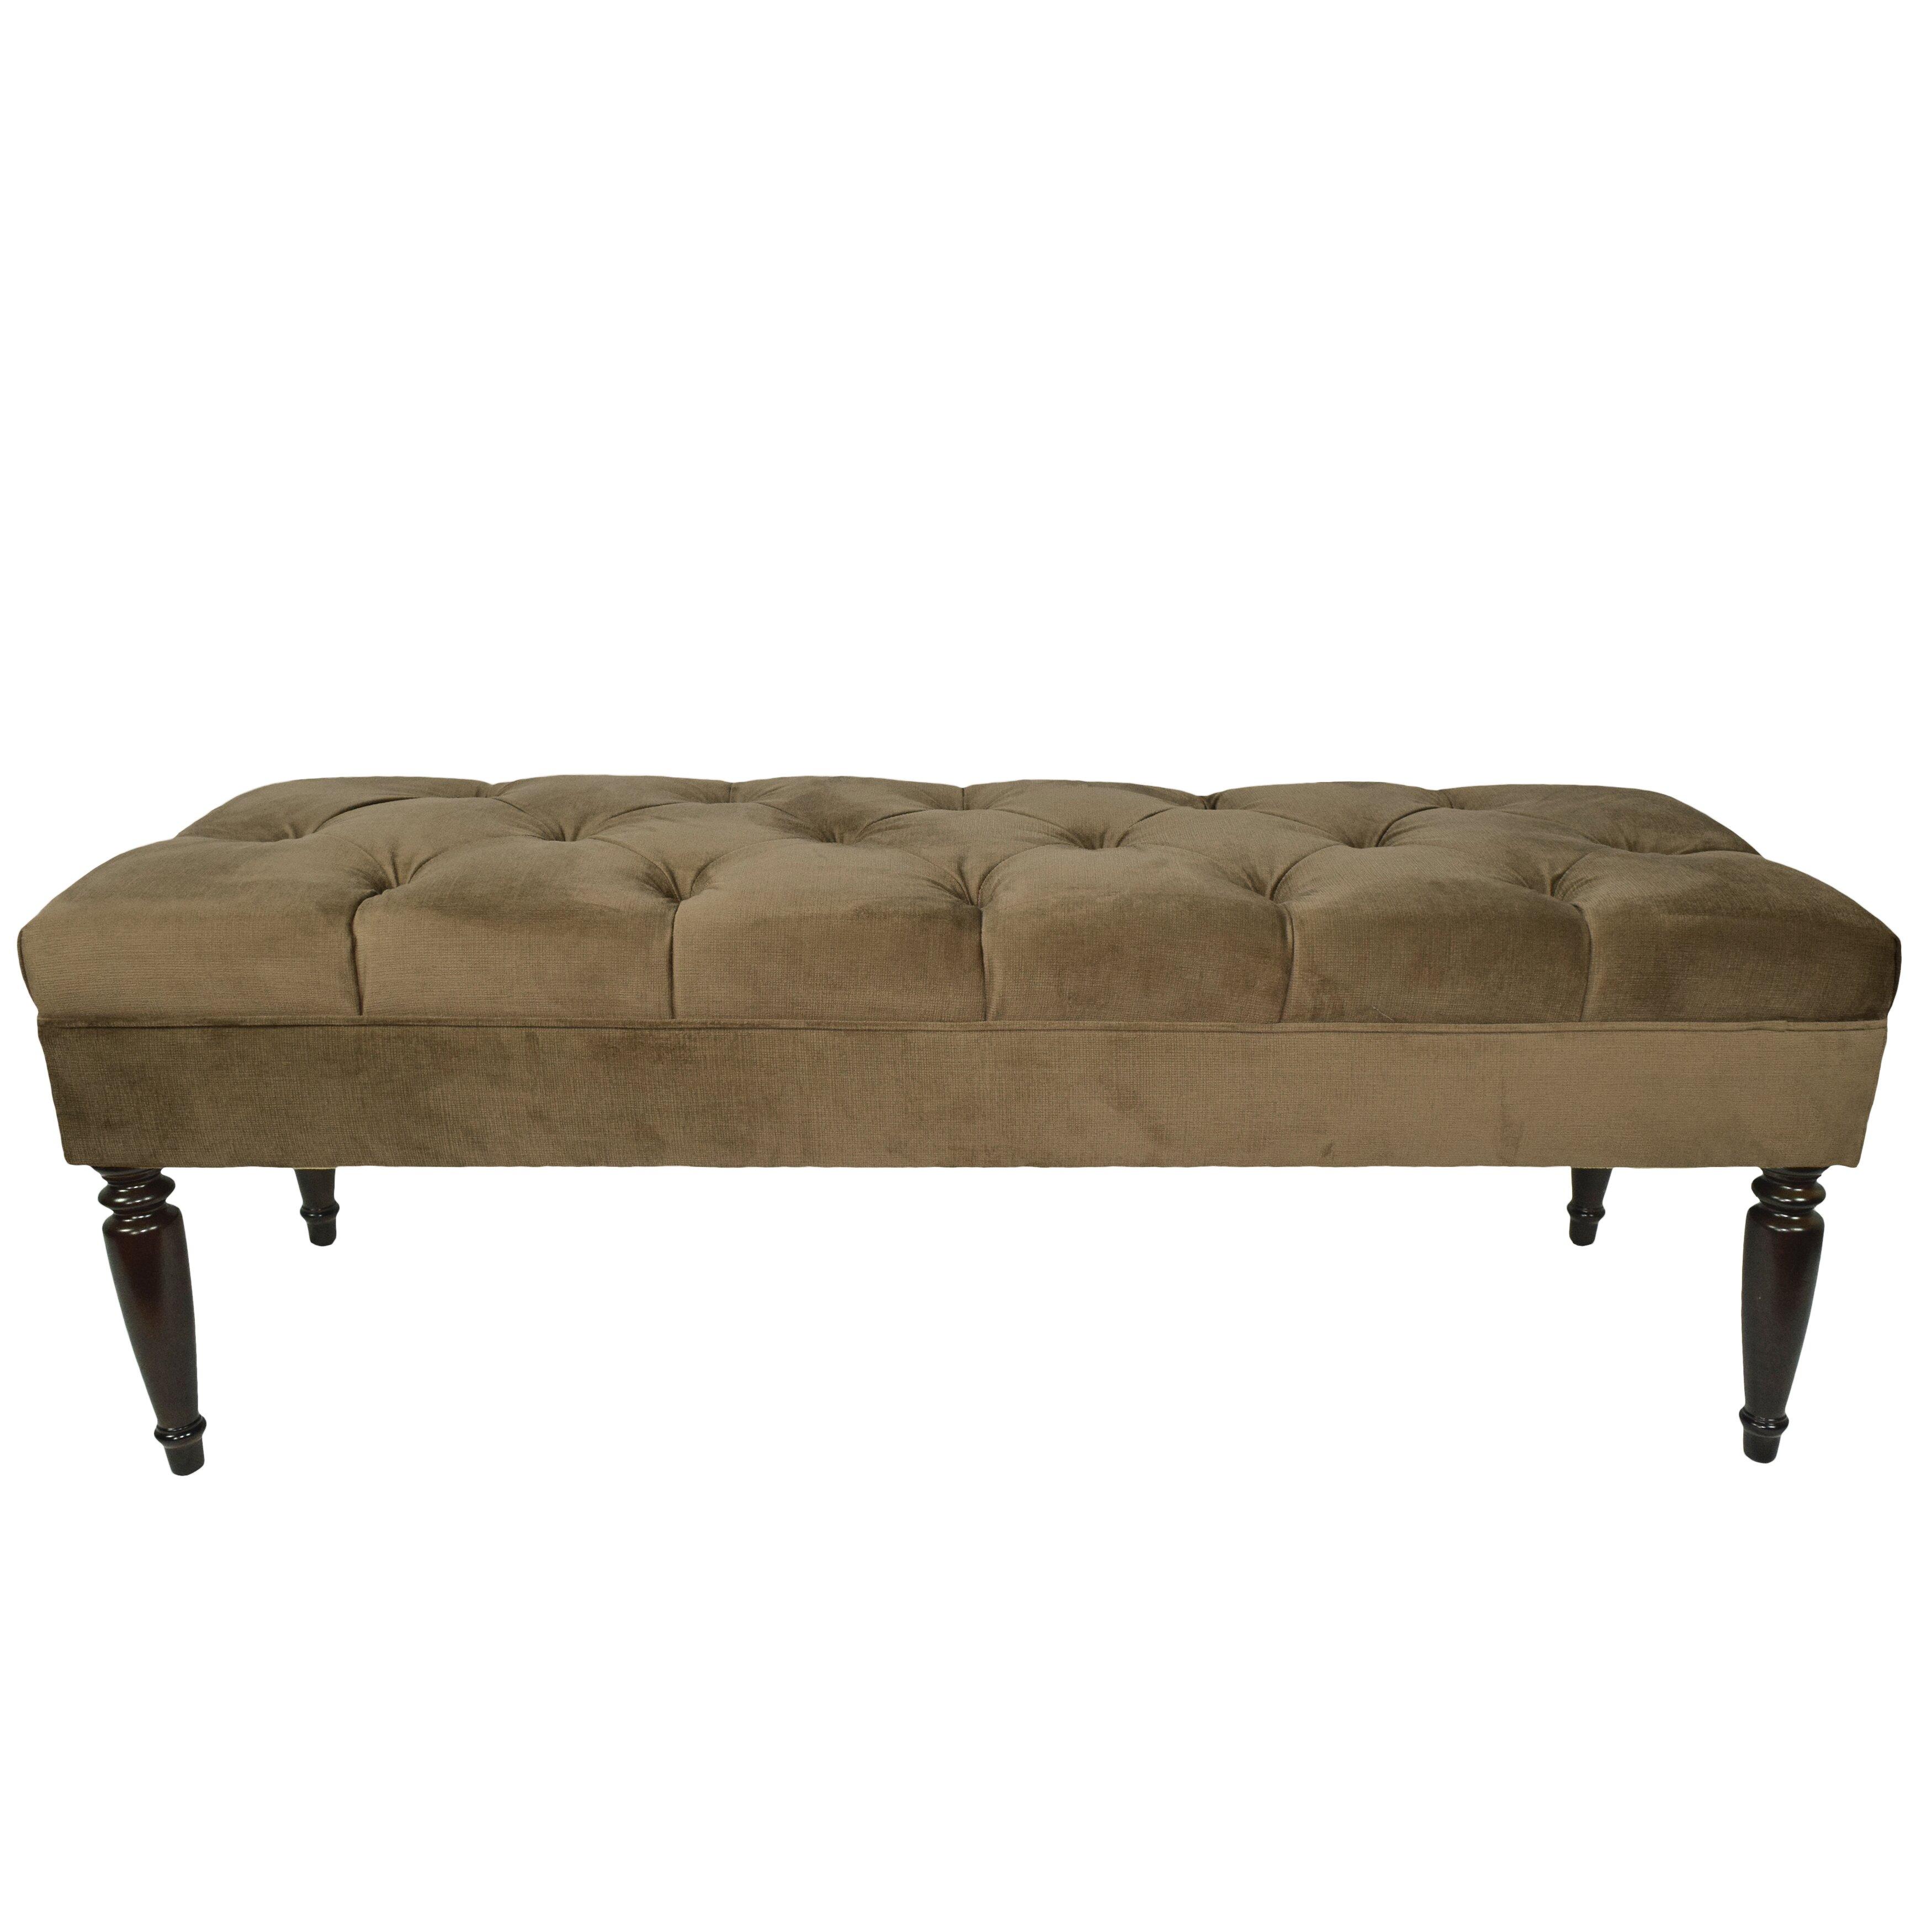 Mjlfurniture ennis upholstered bedroom bench reviews for Furniture upholsterer